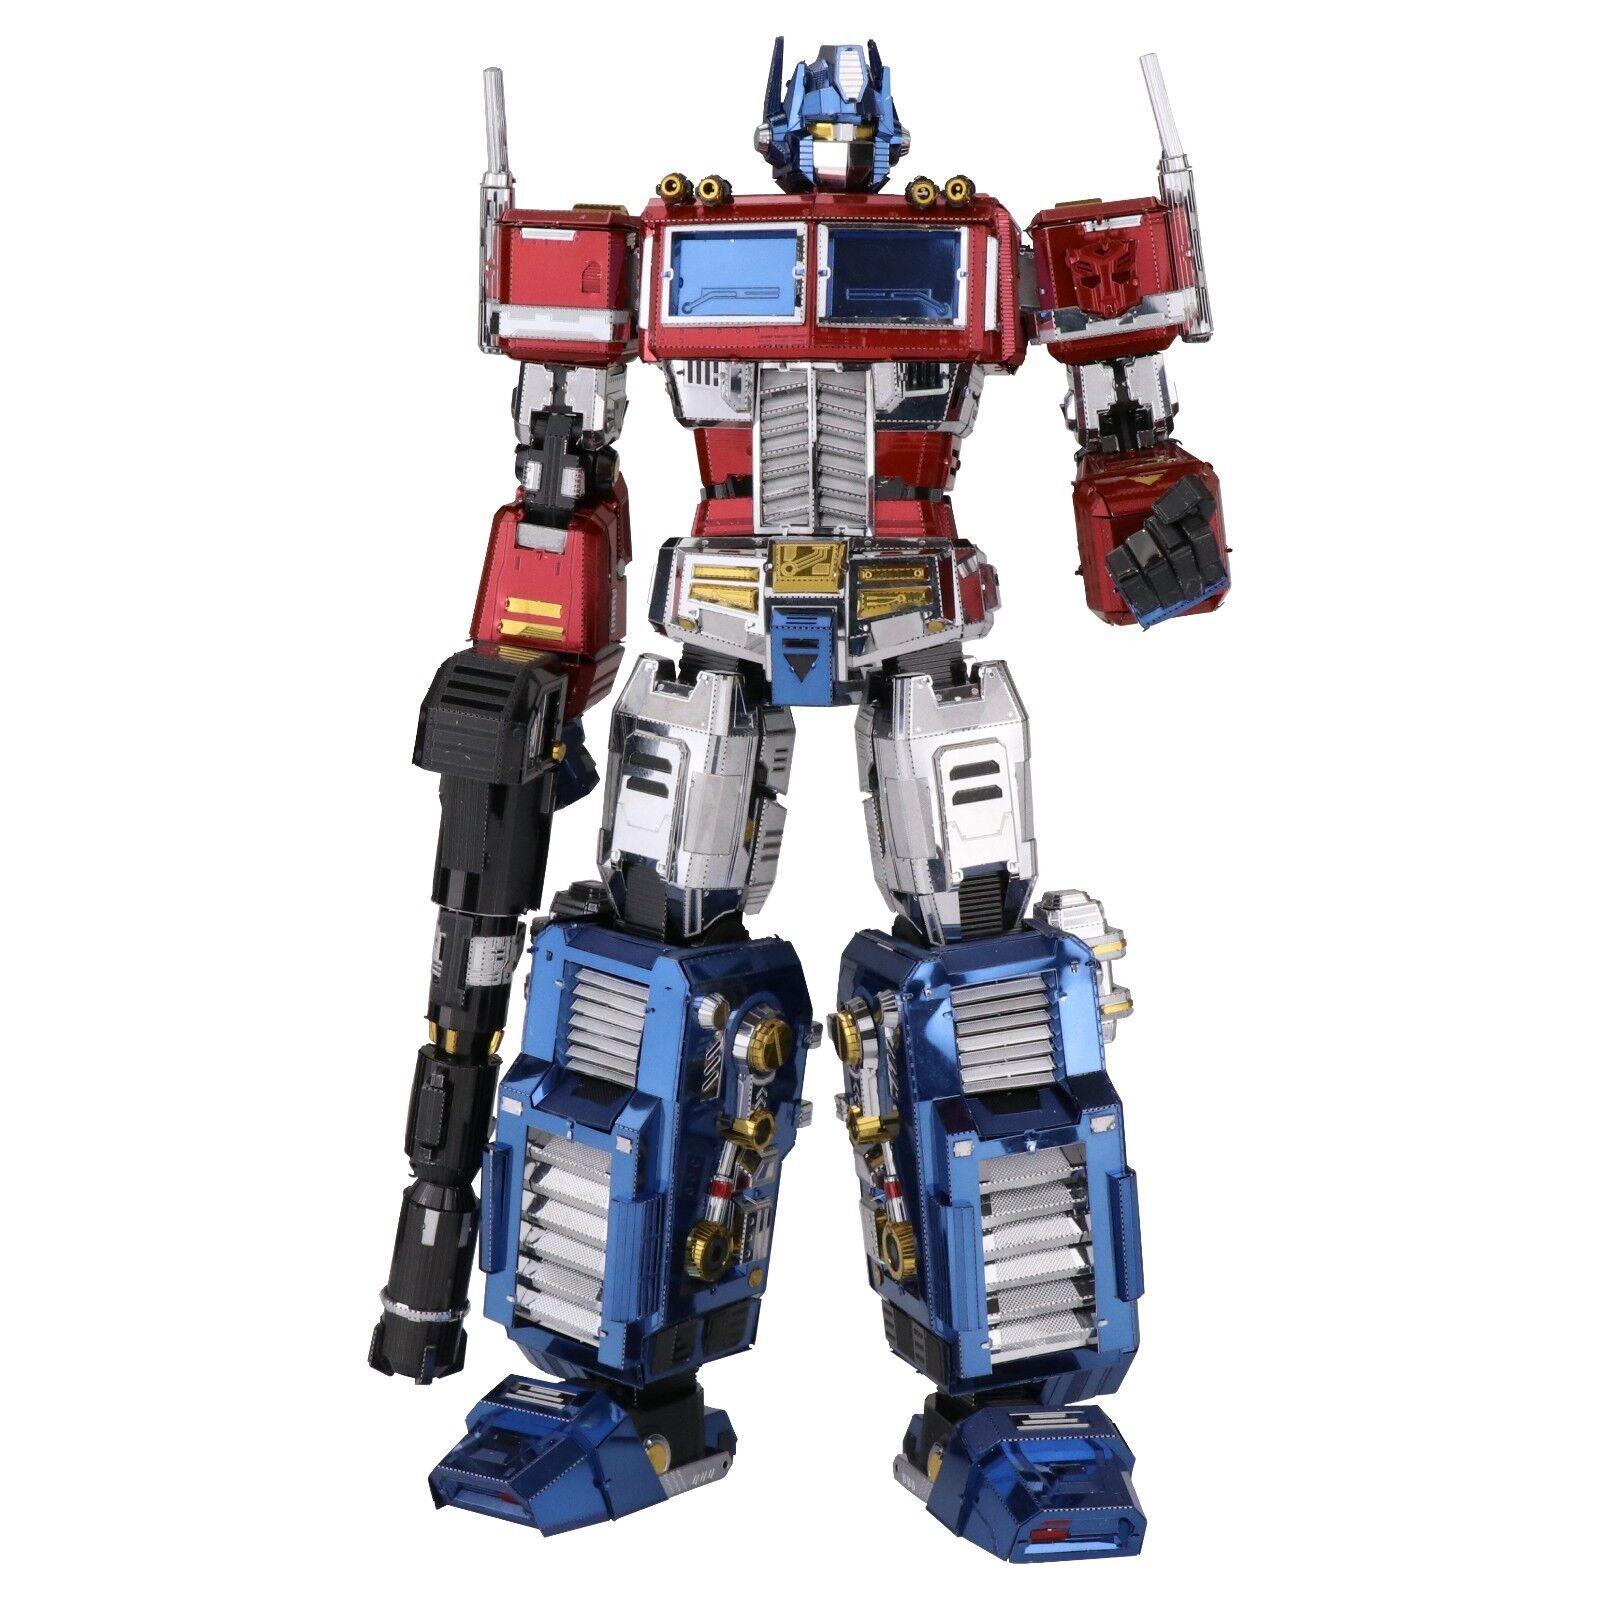 Transformers Optimus Prime MU FULL METAL 3D acciaio taglio laser kit modellololo NUOVO PISTOLE MITRAGLIATRICI